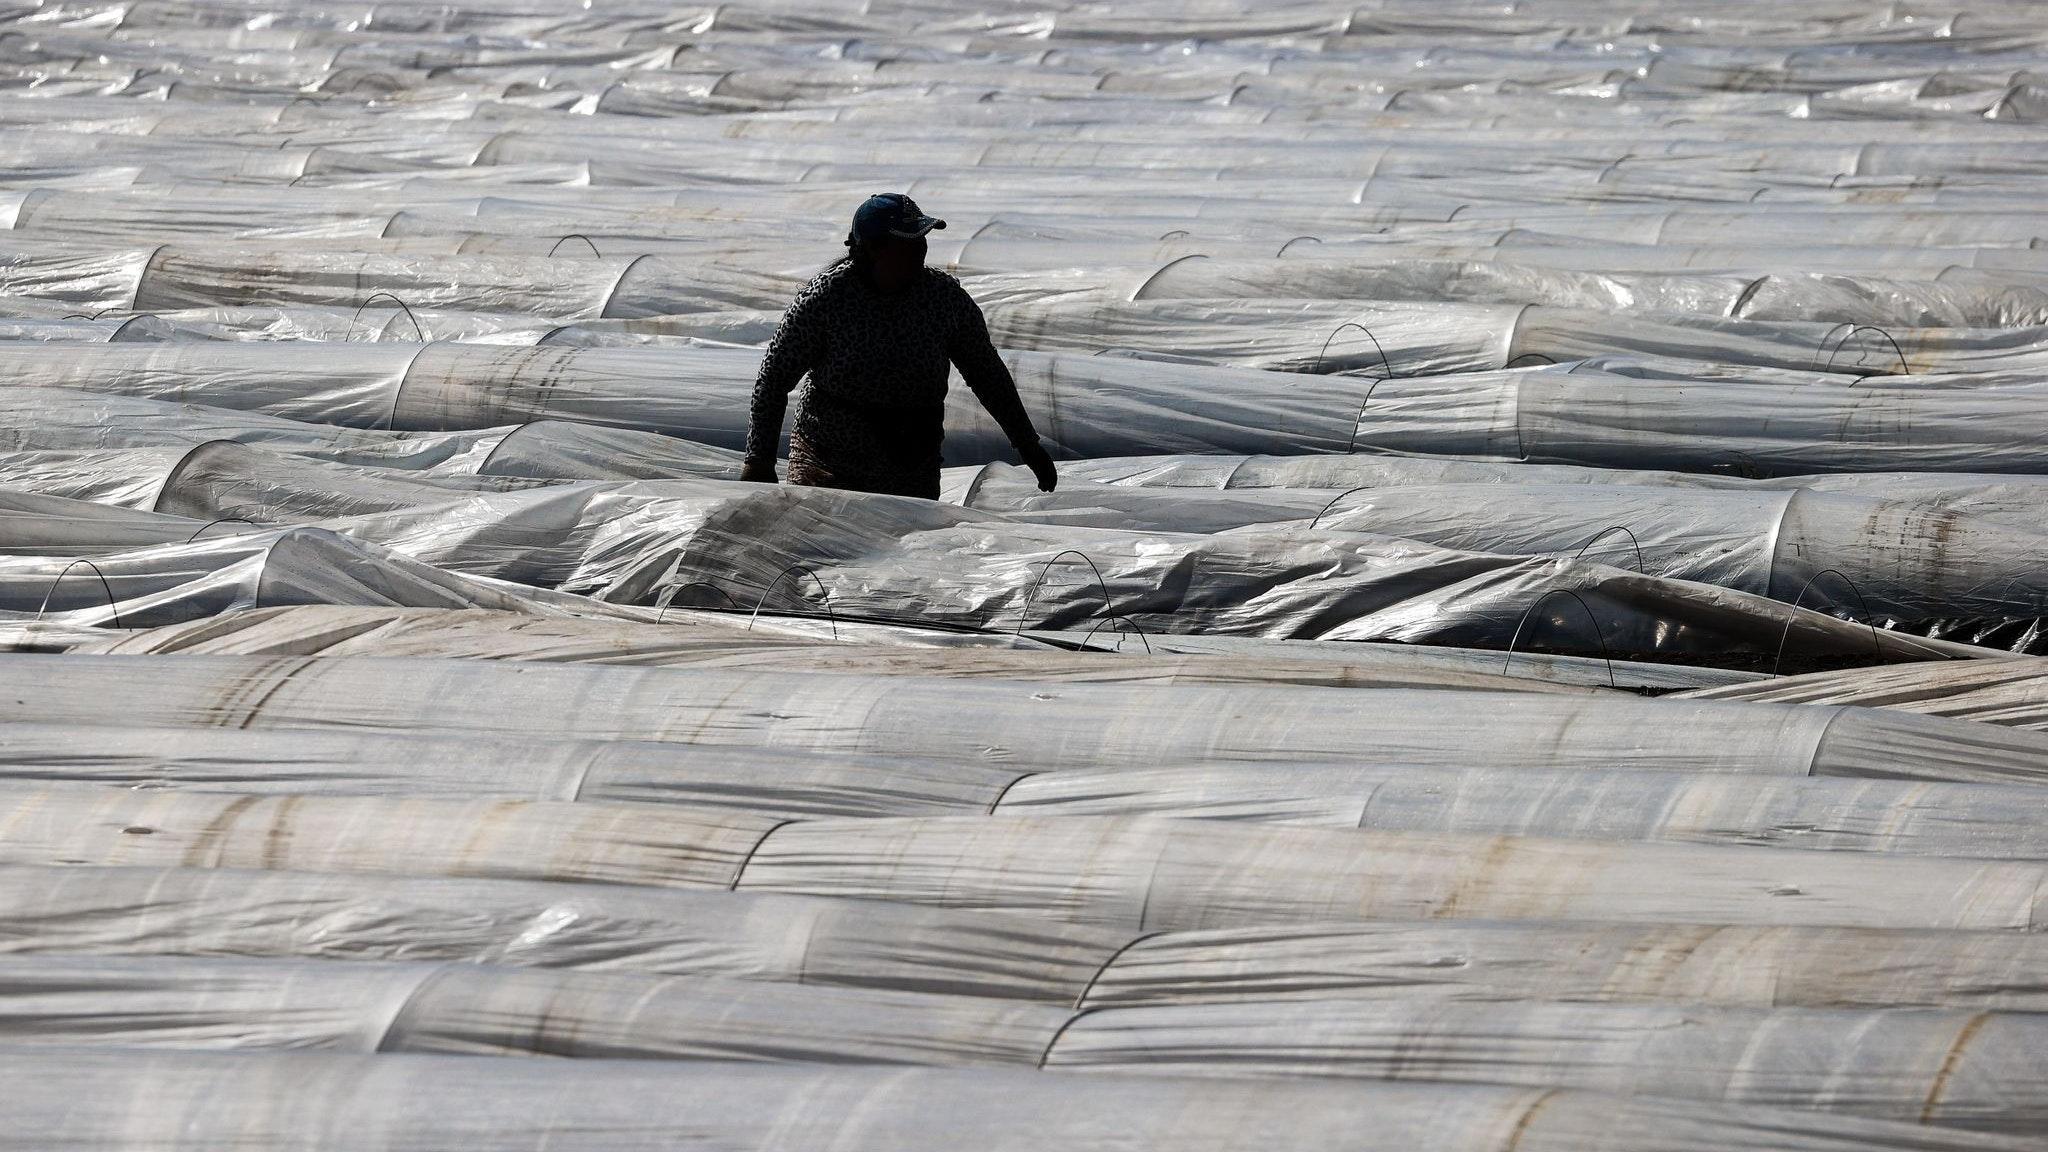 Sie gelten als unverzichtbar: Ausländische Erntehelfer auf Spargelfeldern. Foto: dpa/Charisius